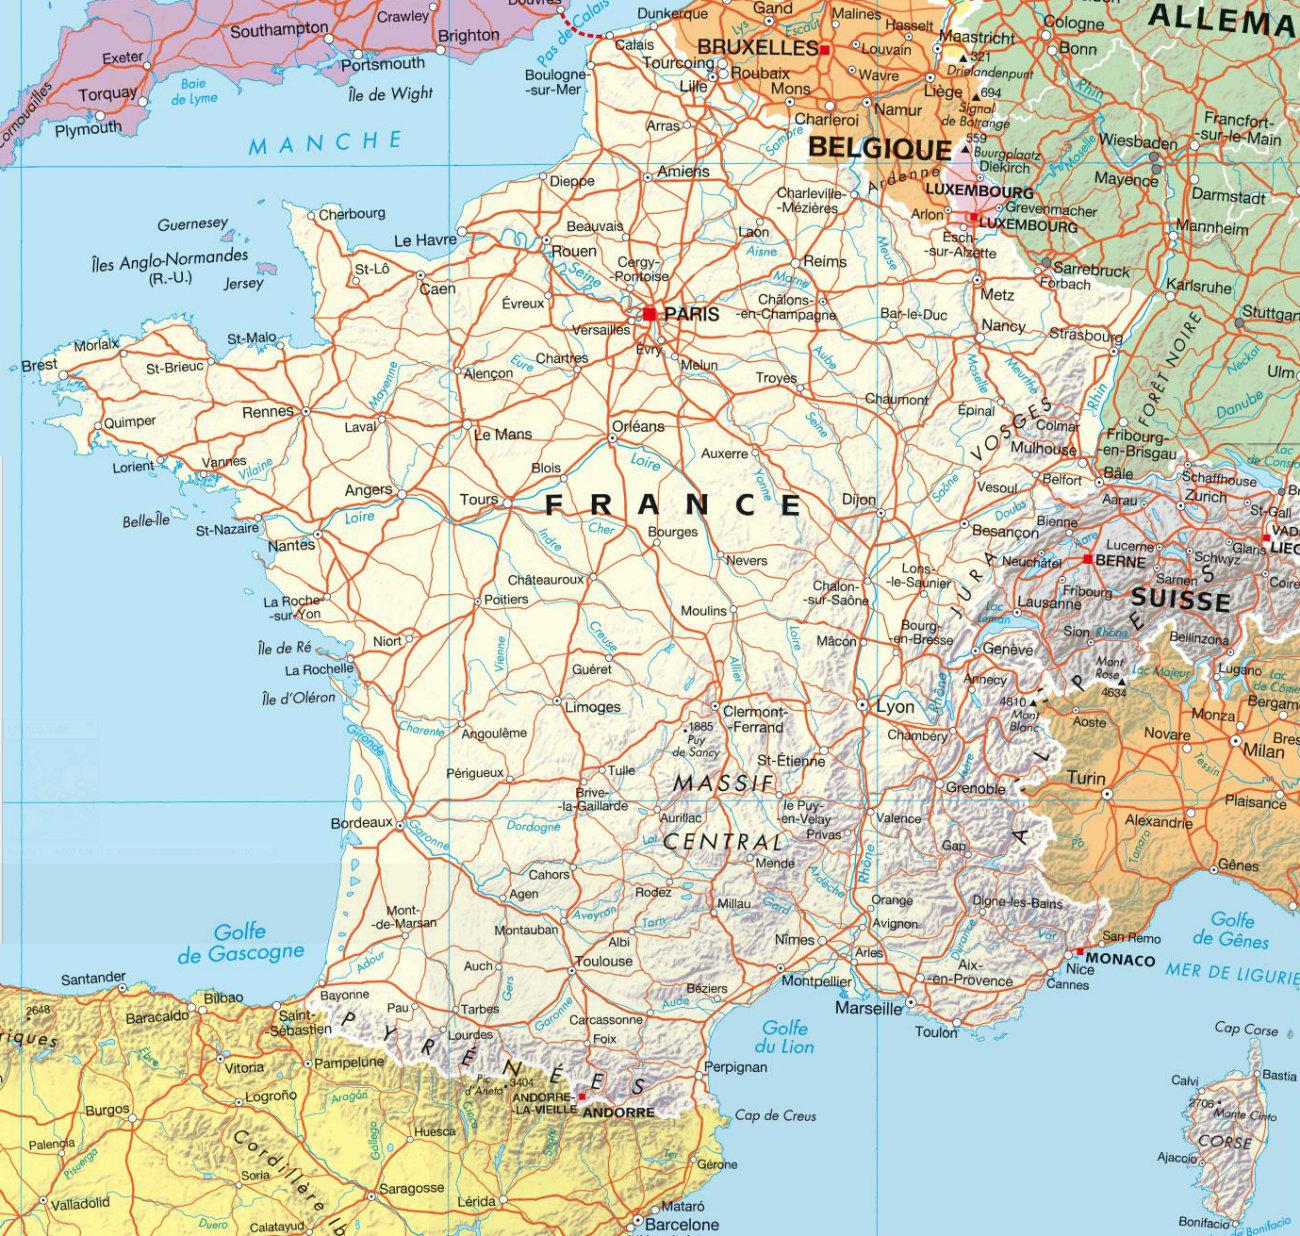 Carte Des Villes De France intérieur Carte De La France Avec Toutes Les Villes